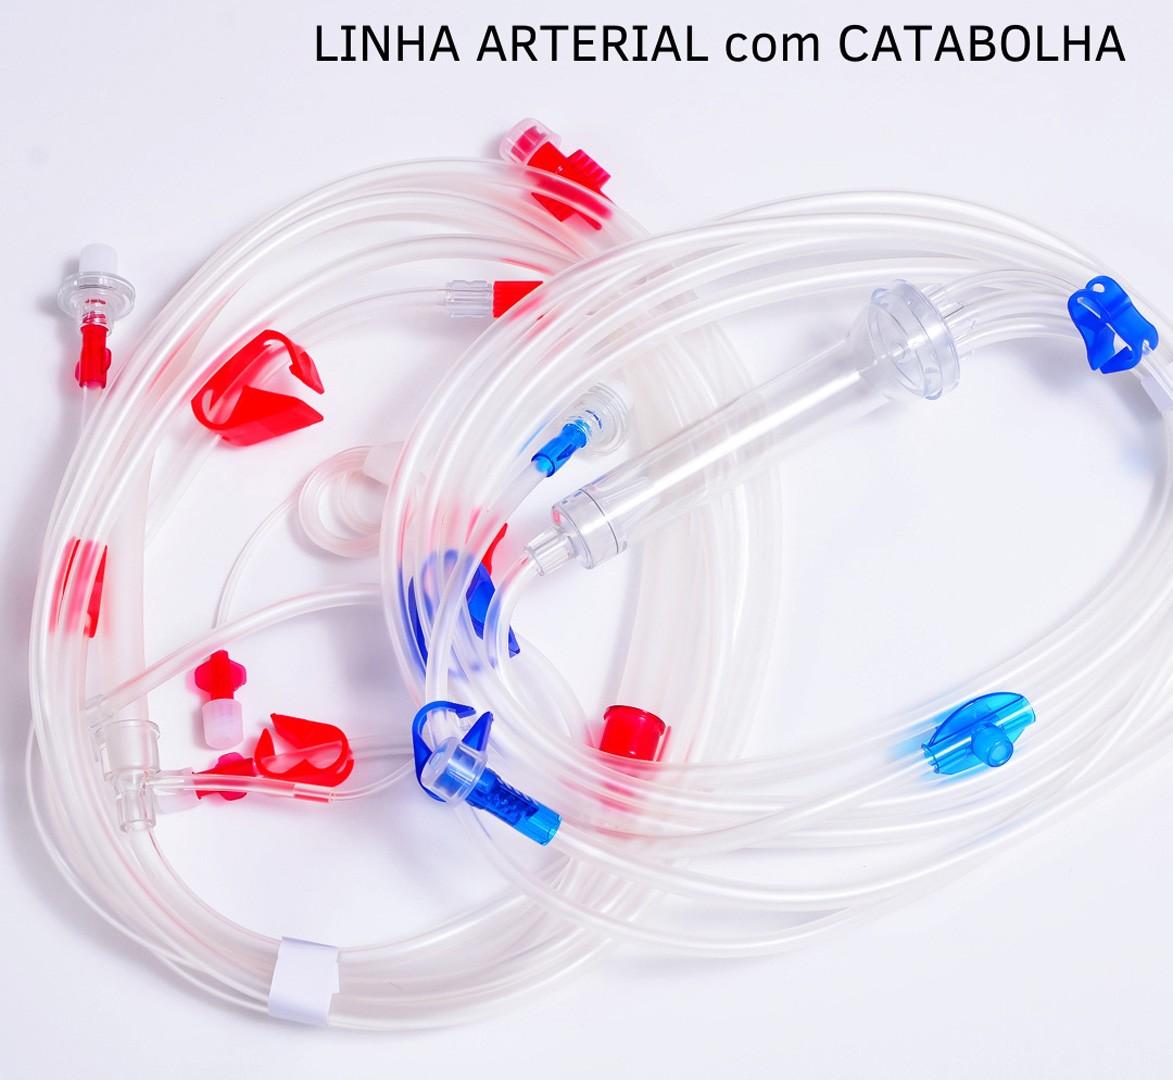 KIT de linha de sangue artério venosa para hemodiálise Biomed com catabolha [Caixa com 24]